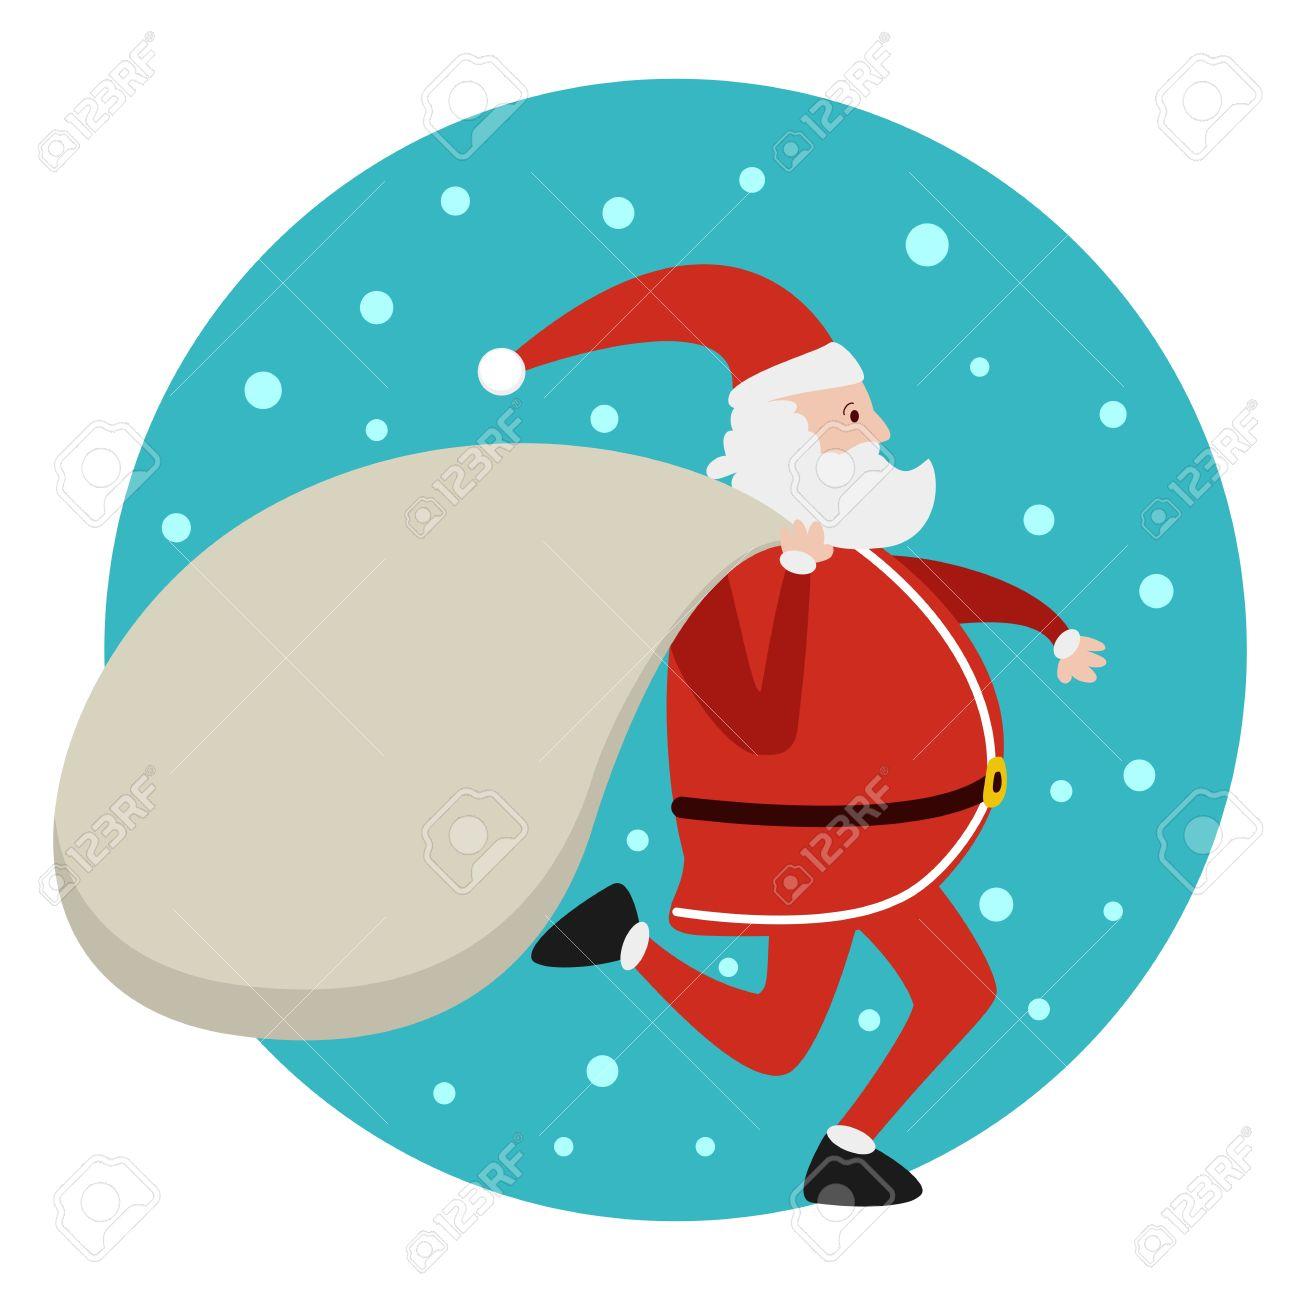 Santa Claus running with bag of presents Xmas - 16510357